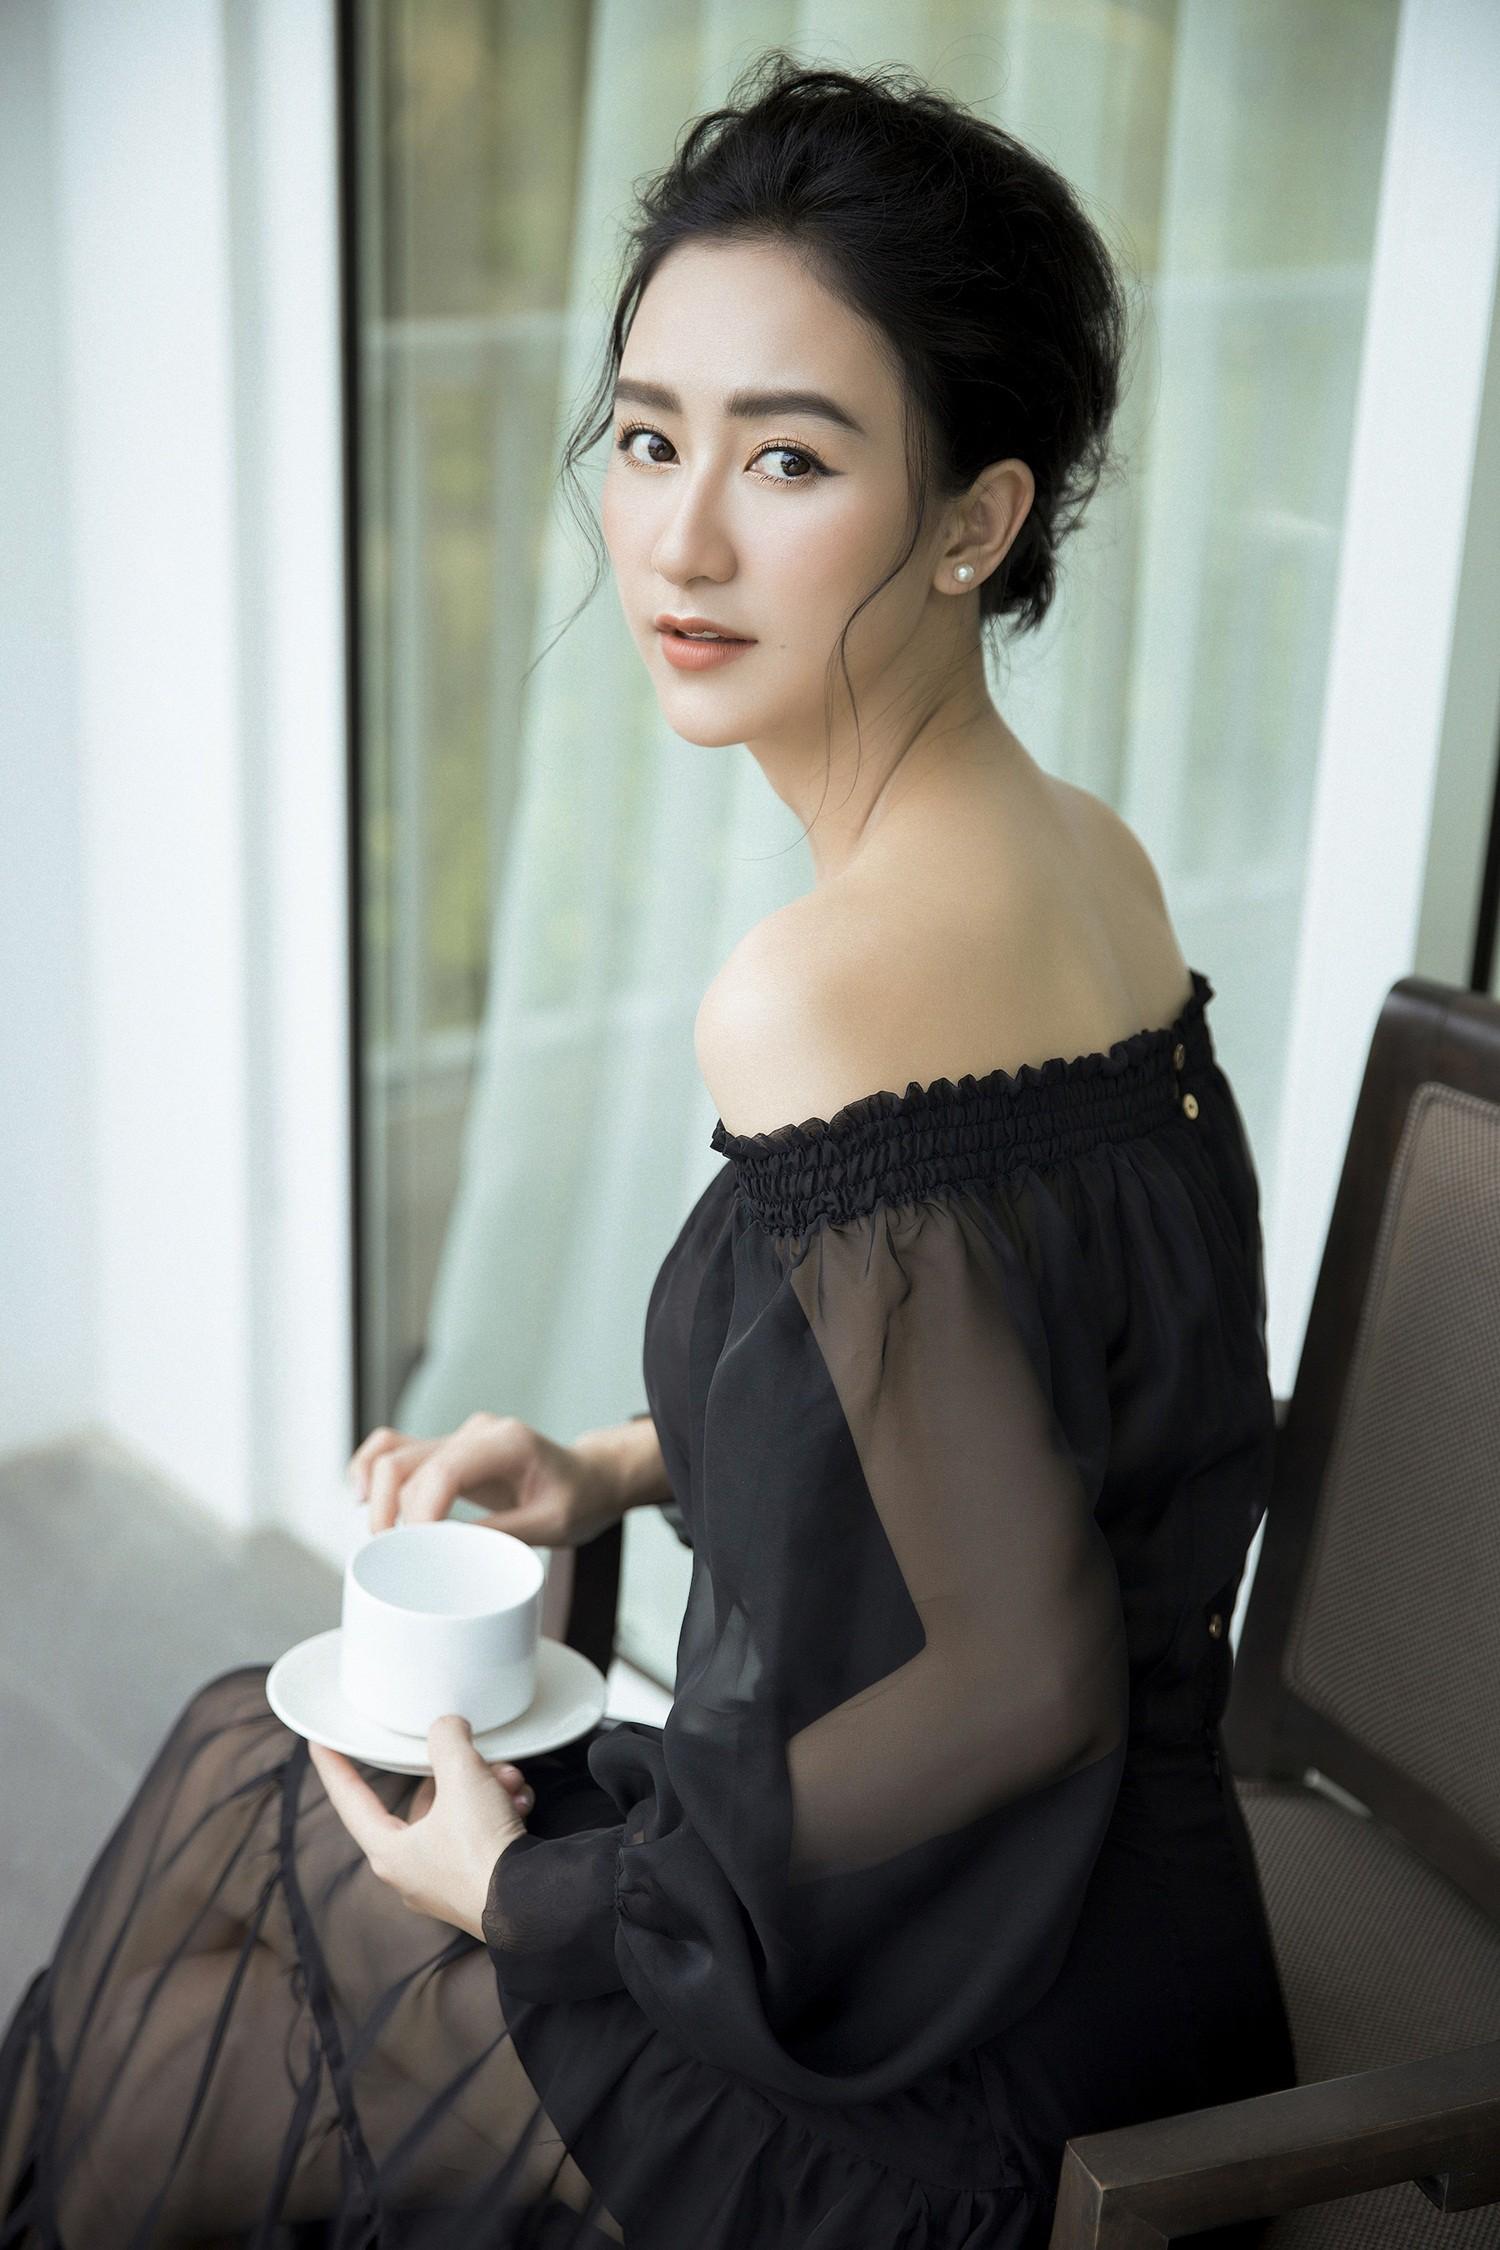 Hoa hậu và chuyện cánh tay to, bụng sồ sề khi chưa photoshop: Đâu phải nữ thần để đòi hỏi đẹp hoàn hảo 100% - Ảnh 7.